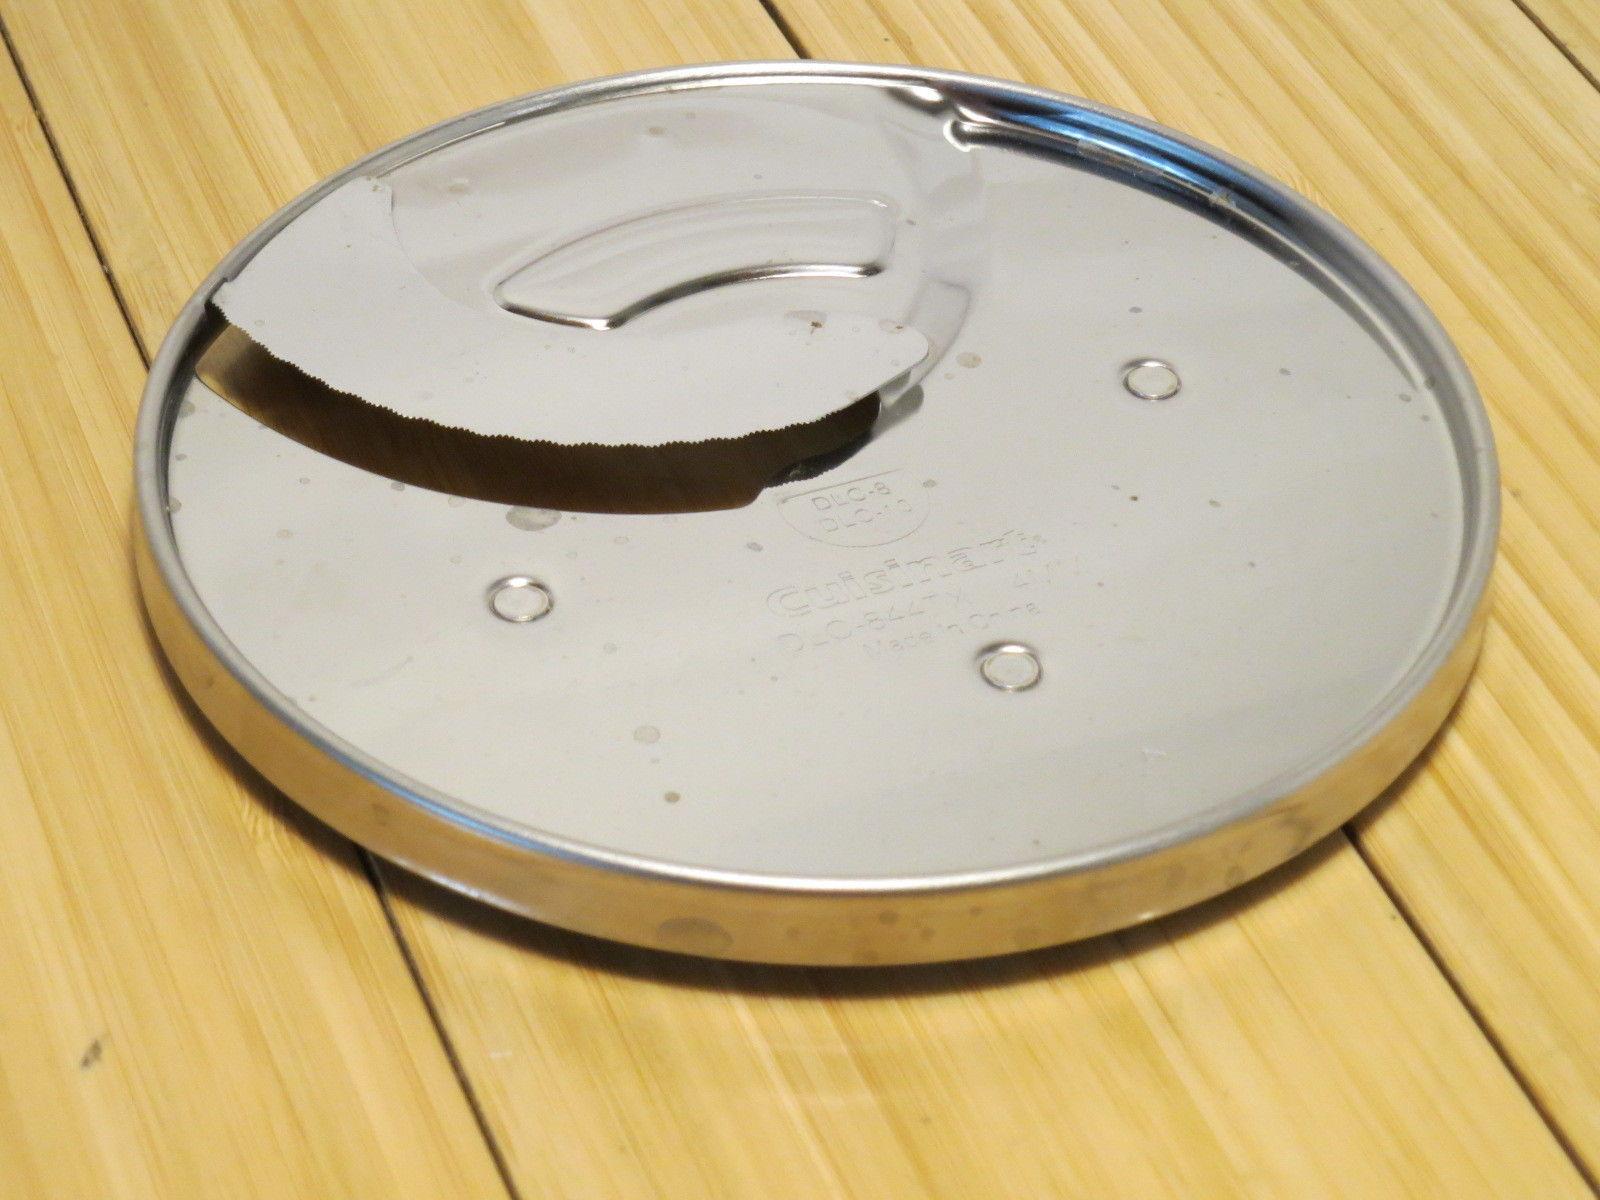 4 mm slicing Medium Shred DLC-10  Food Processor Discs TWO Cuisinart DLC-8